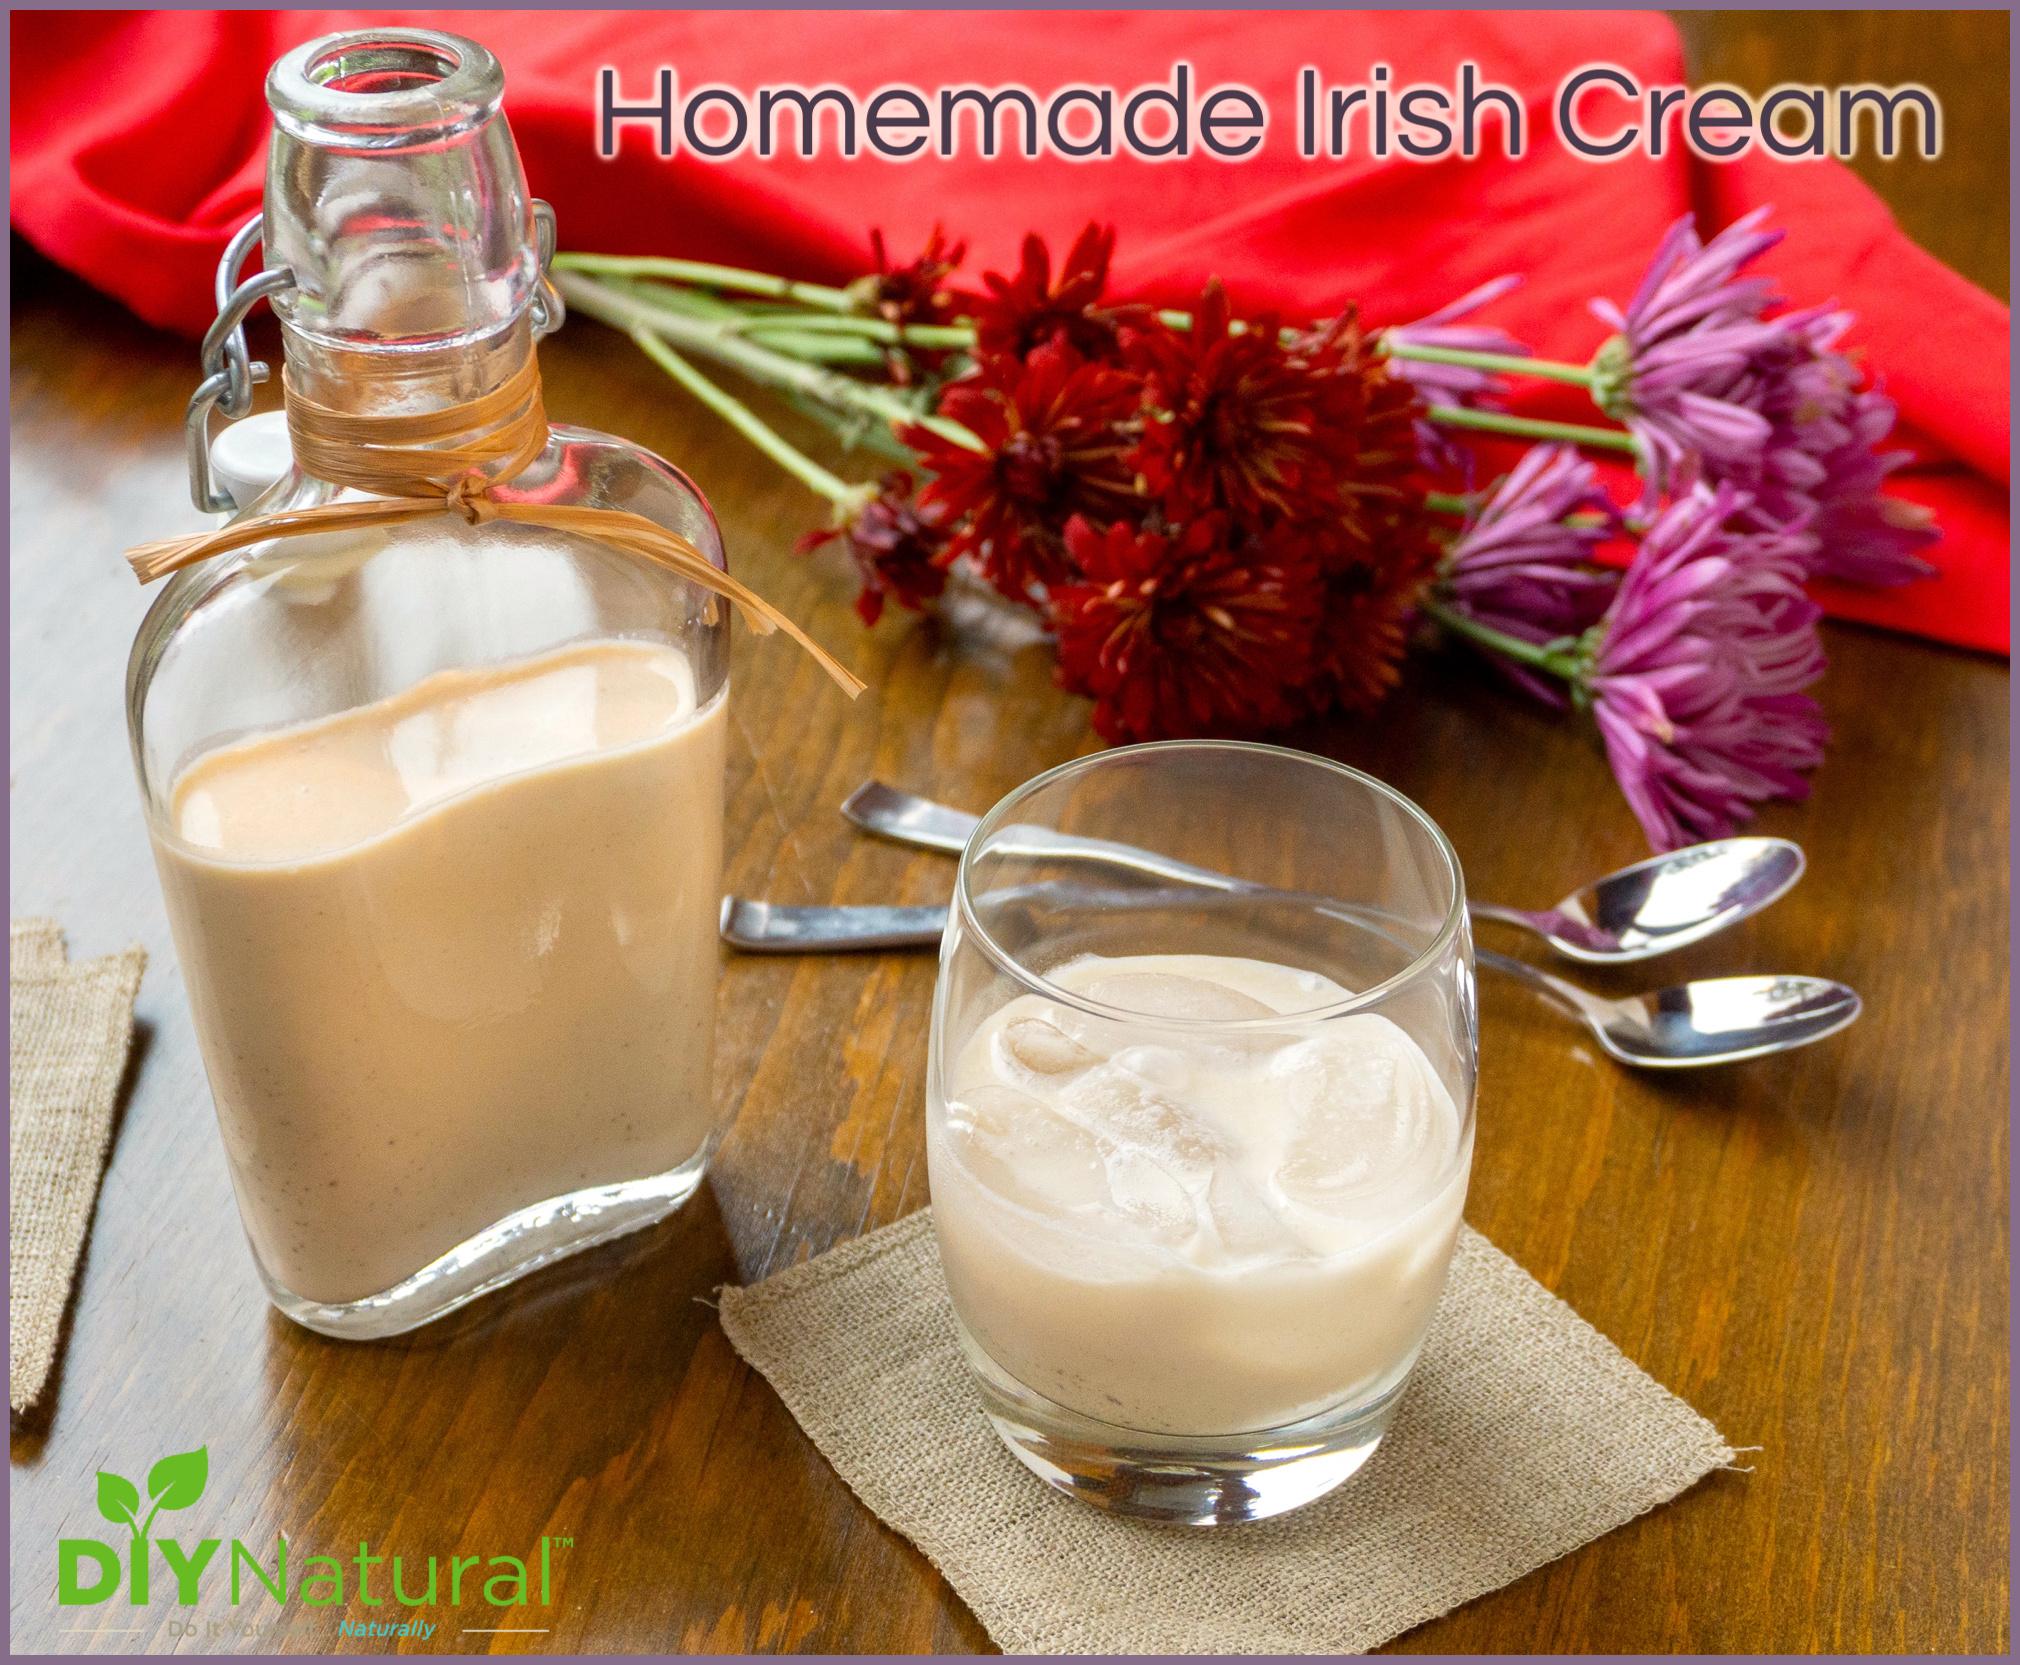 Irish Cream Recipe: The Most Simple